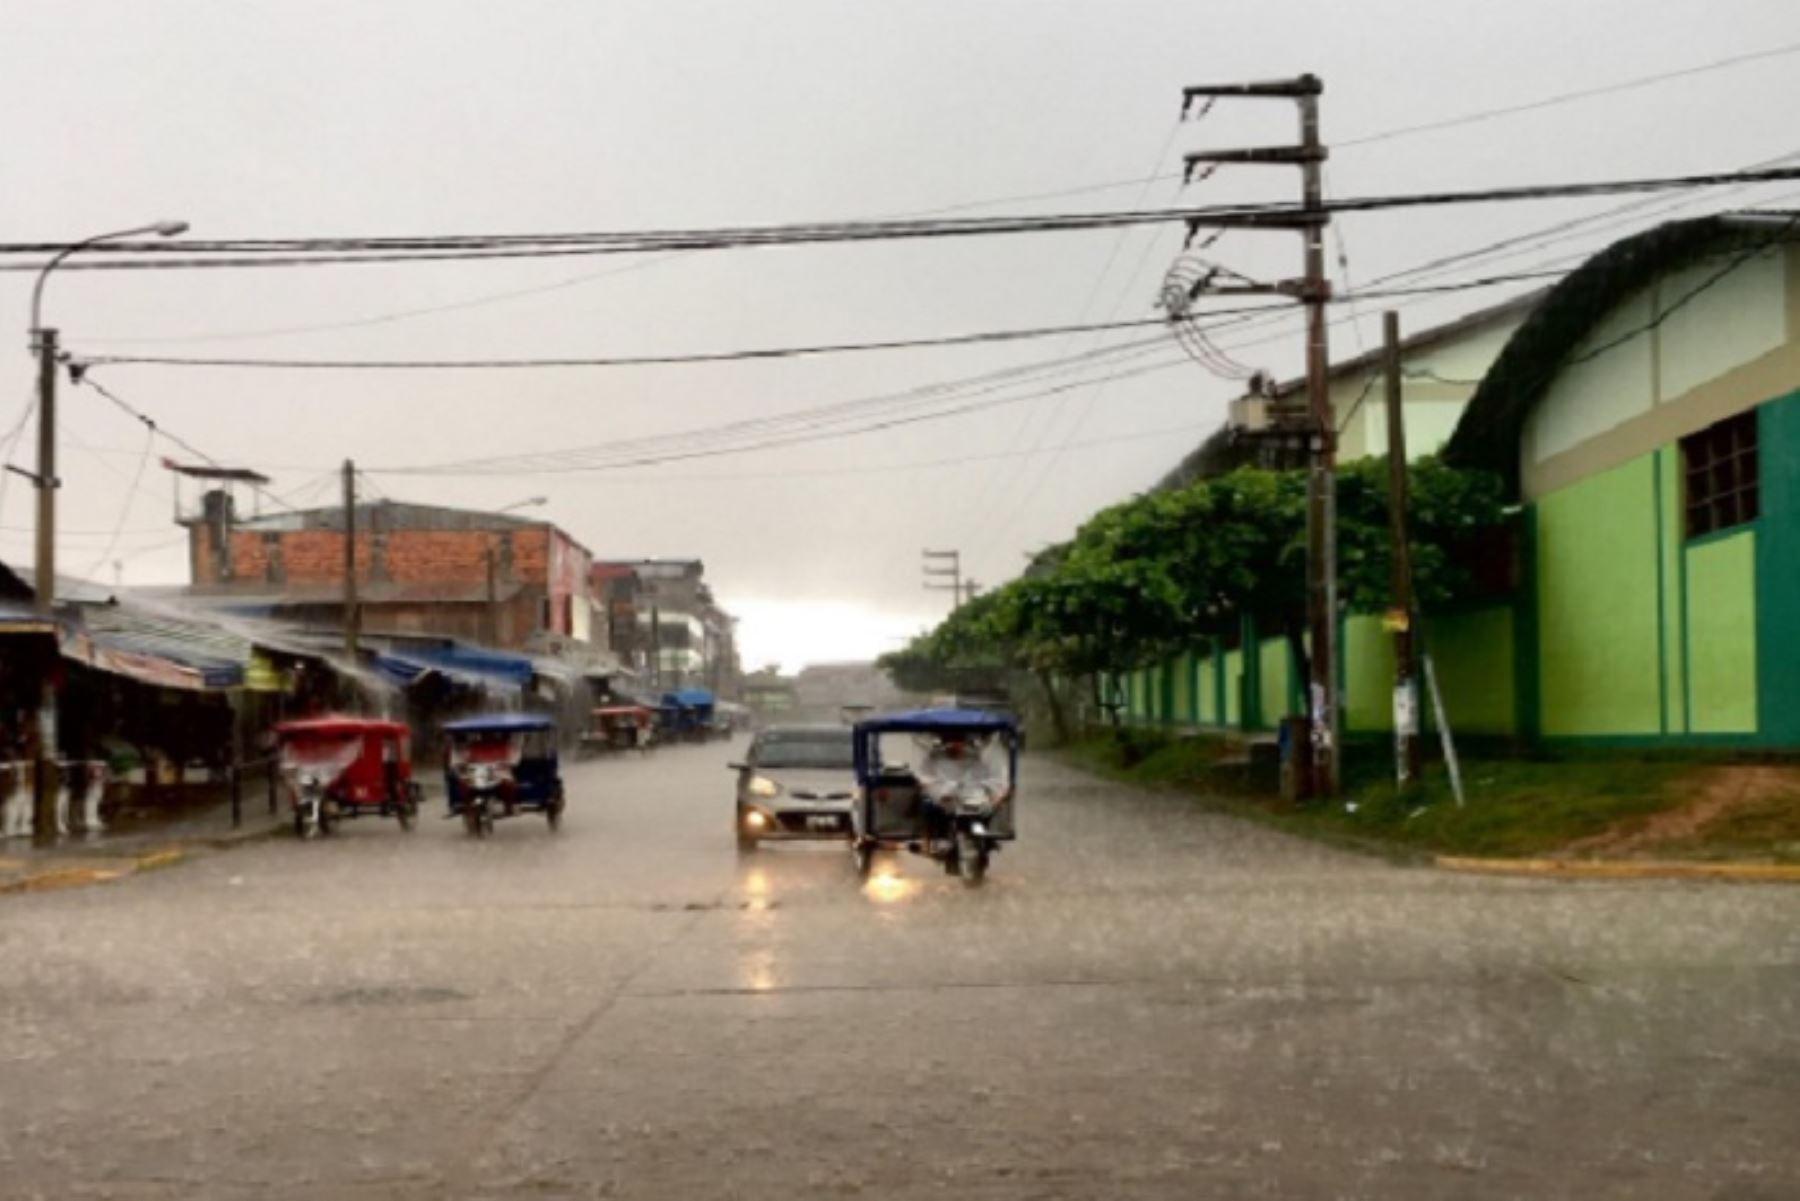 Lluvias aisladas de moderada a fuerte intensidad se presentarían hoy martes 22 y mañana miércoles 23 en la selva peruana, informó el Servicio Nacional de Meteorología e Hidrología (Senamhi).